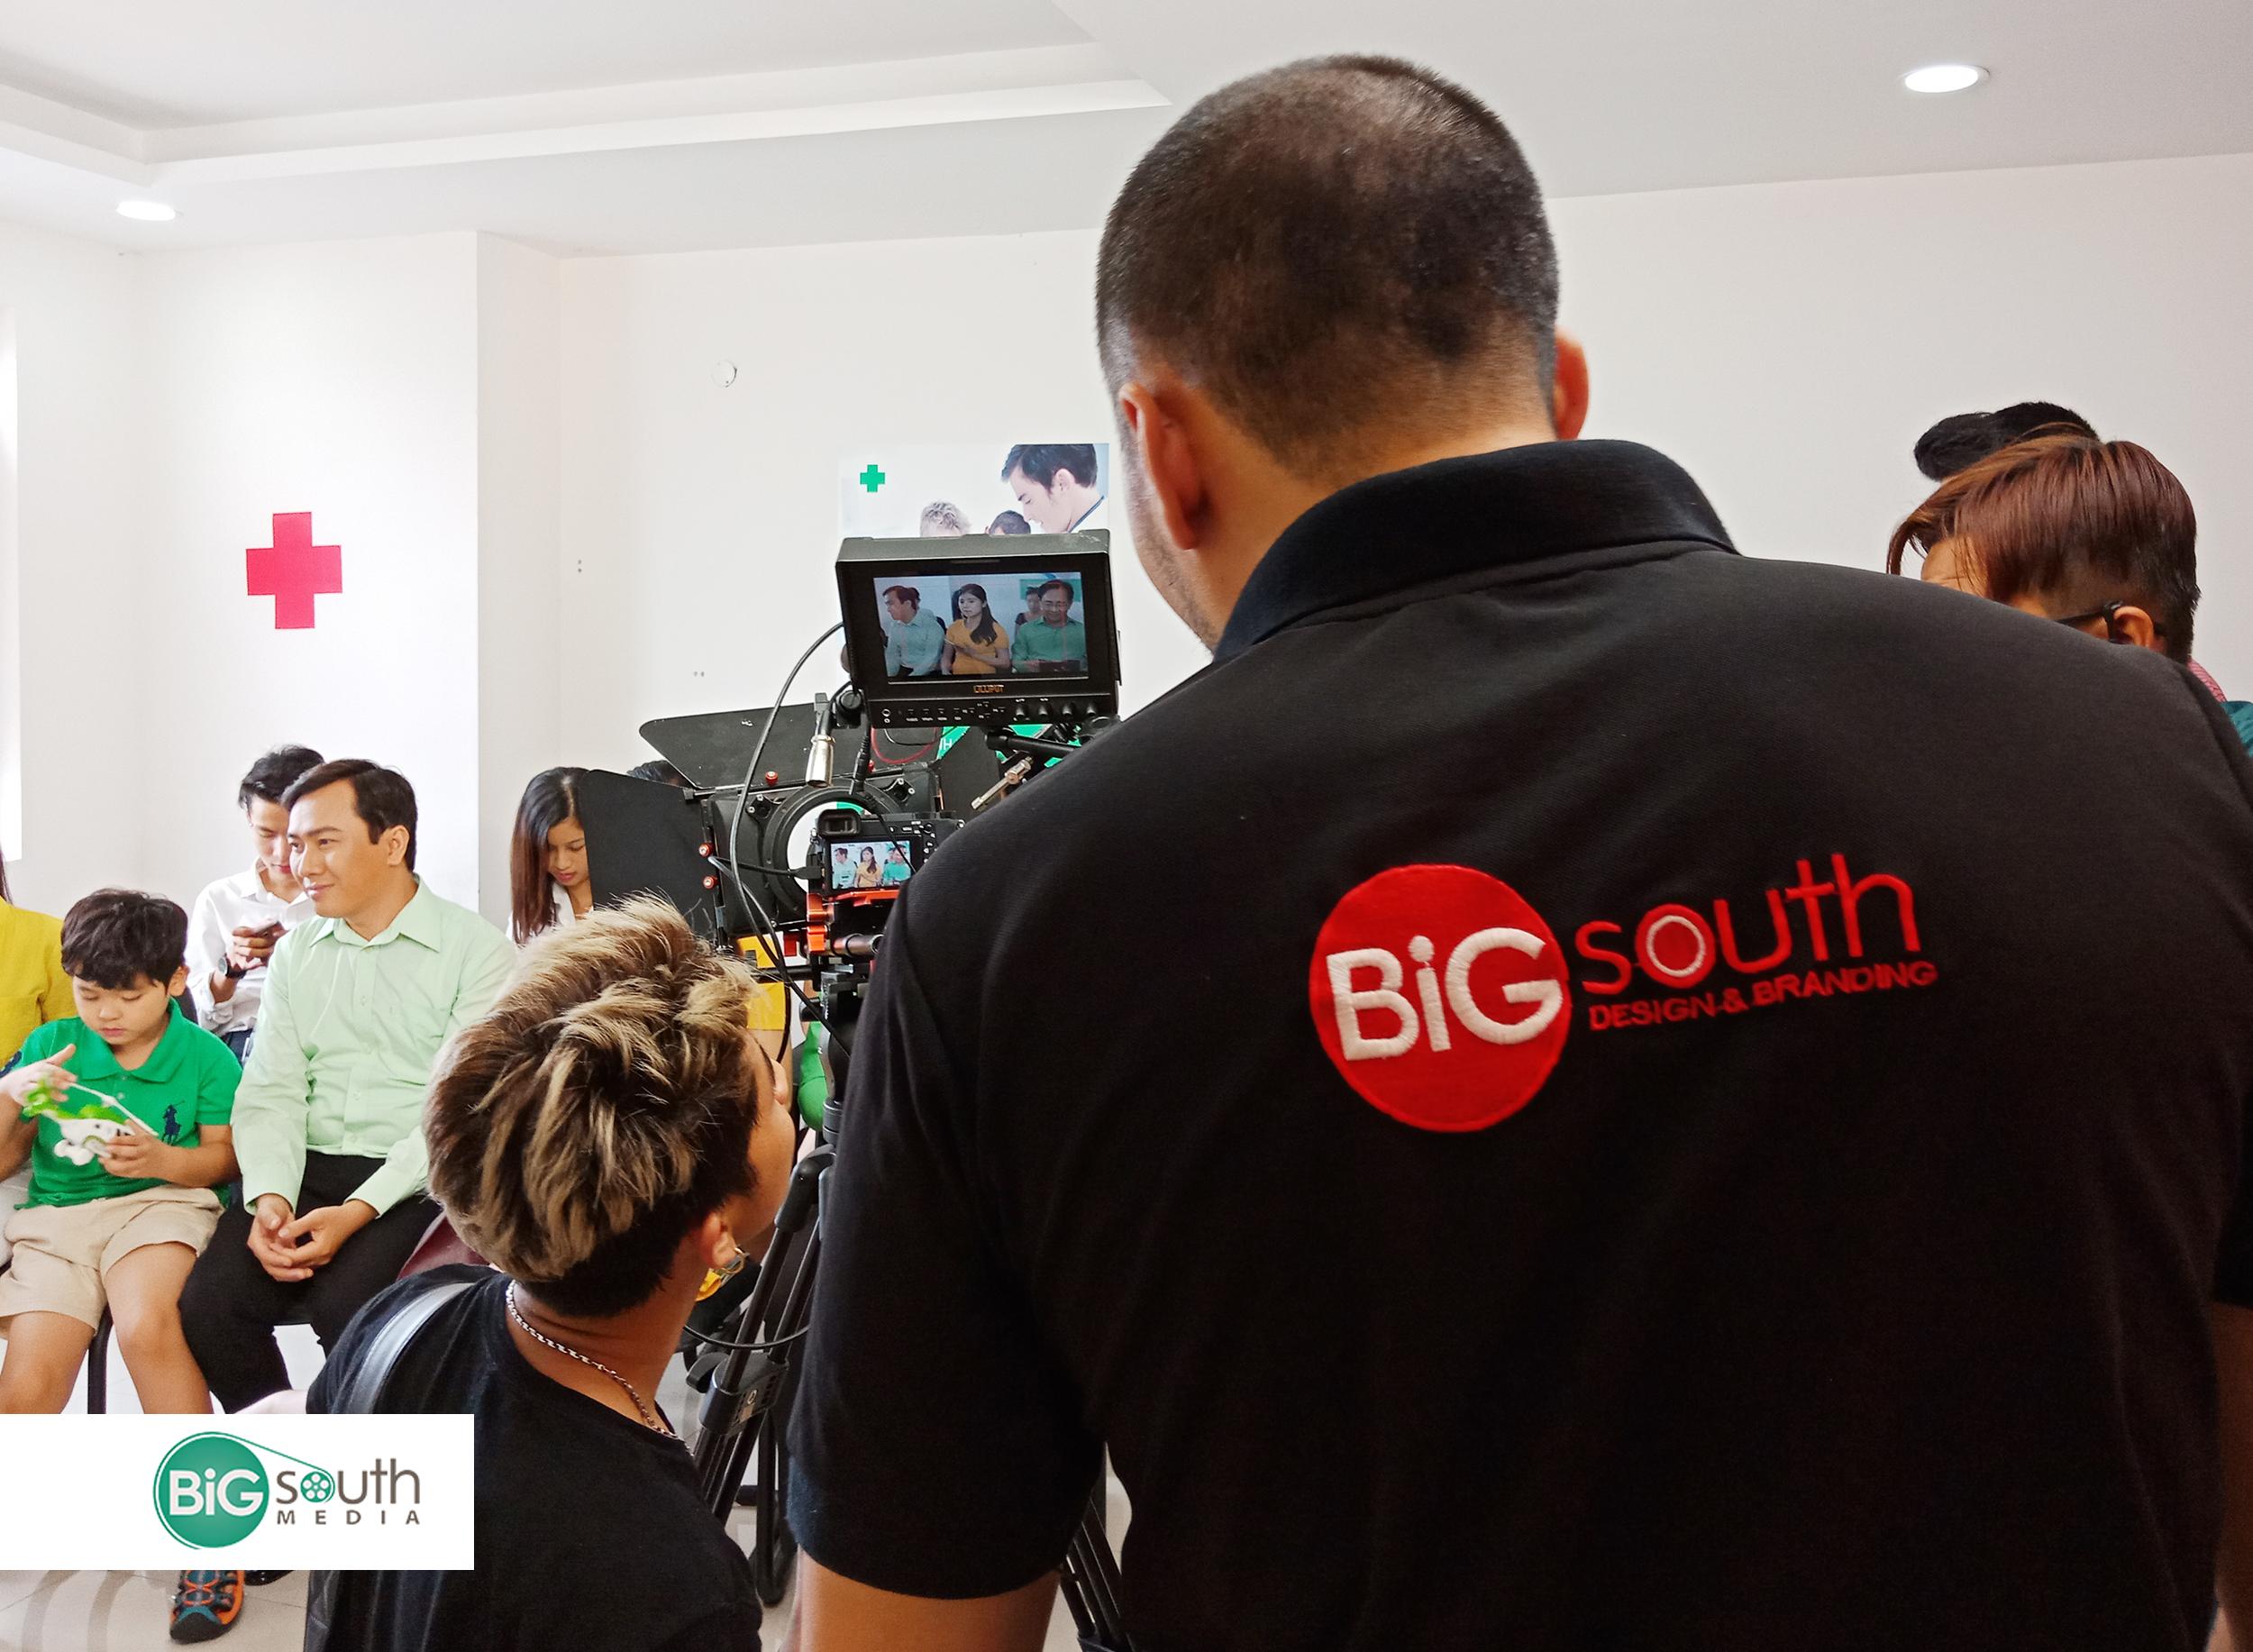 Bigsouthmedia9